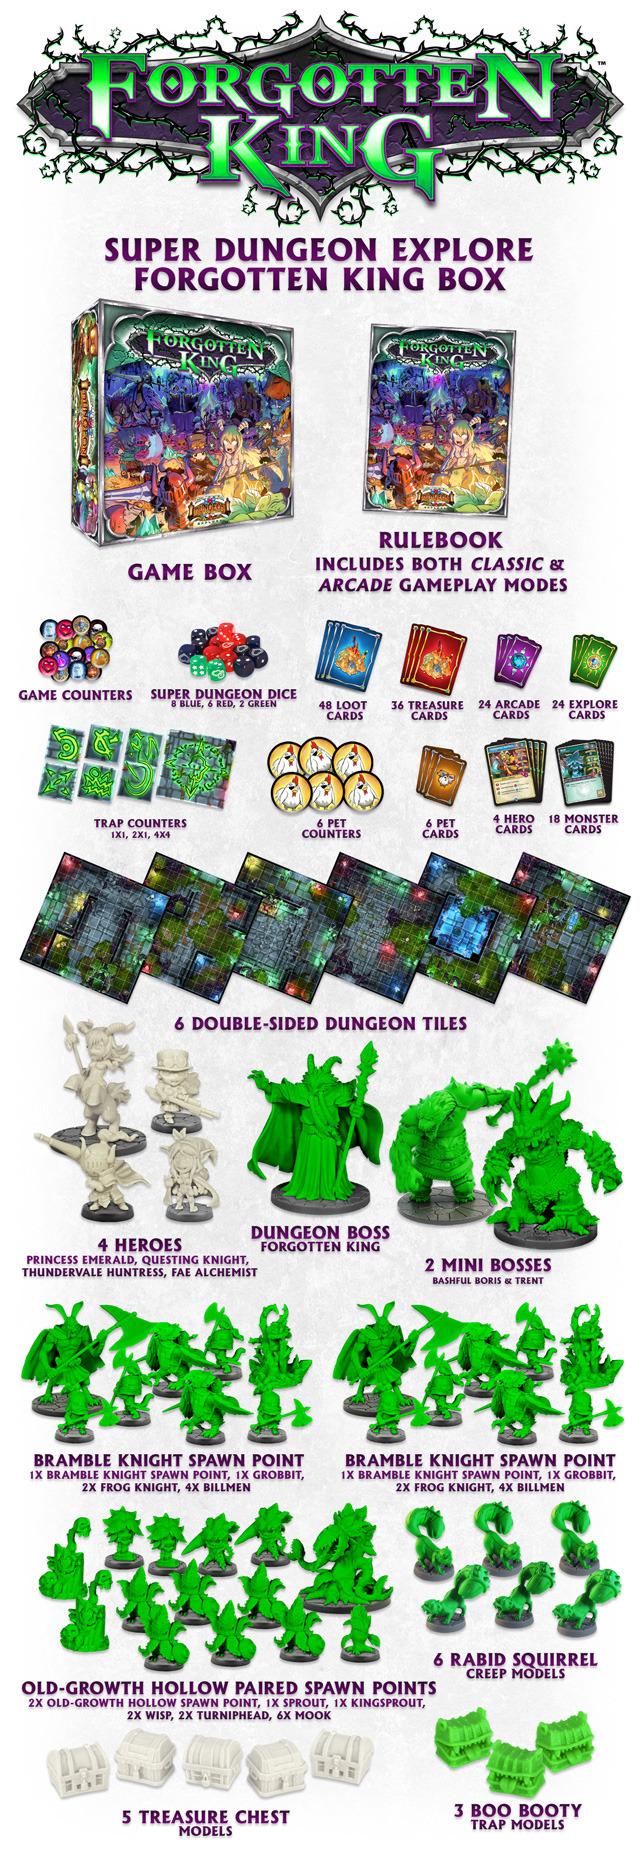 Kickstarter - Super Dungeon Explore: Forgotten King 03a3df4676fc5489abe155fd5b1227d7_large